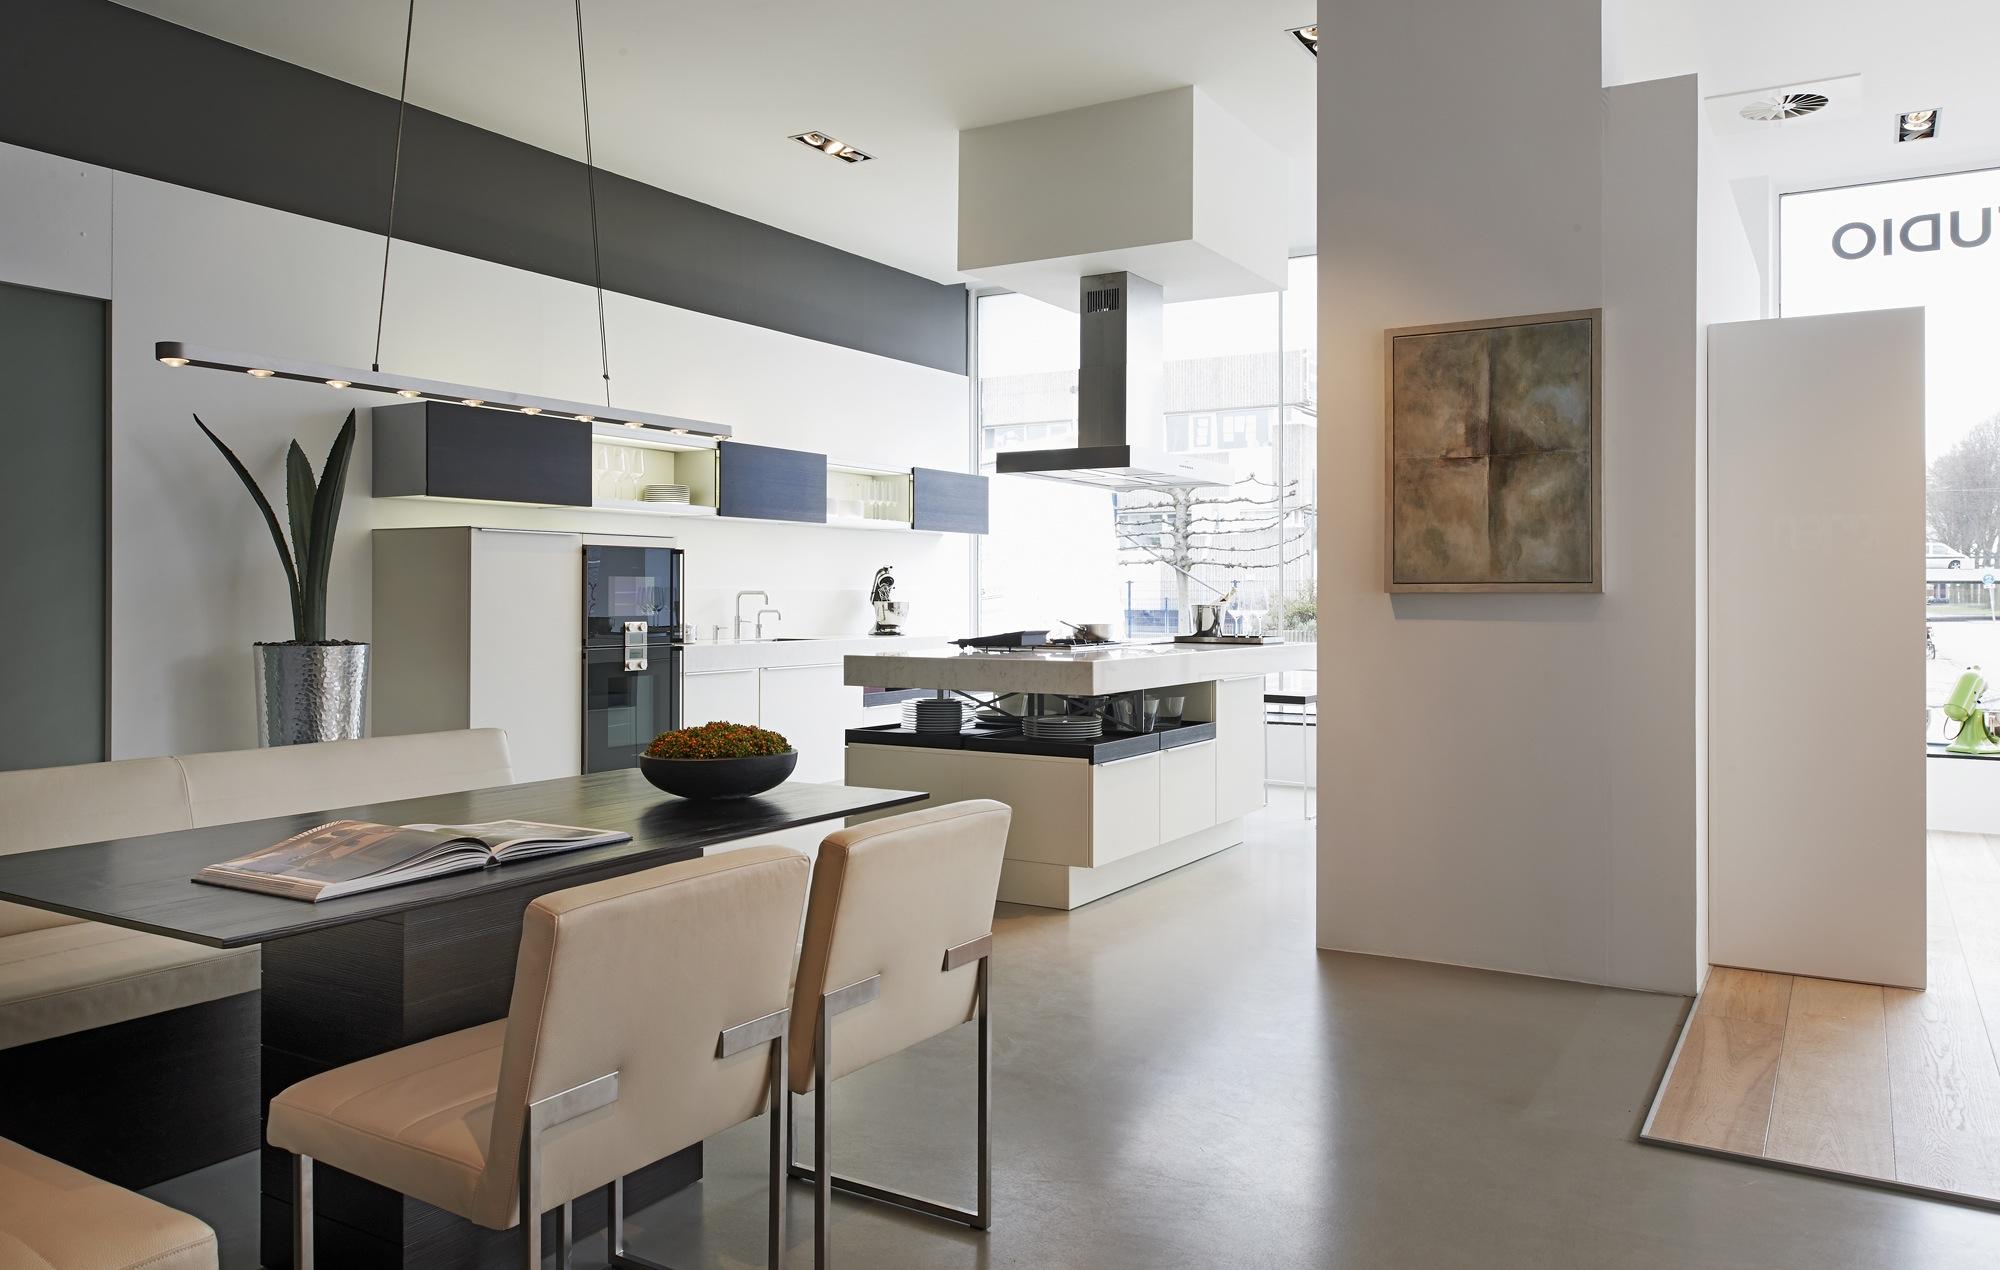 Poggenpohl Keuken Amsterdam : Poggenpohl keuken design studio Amsterdam – Nieuws Startpagina voor